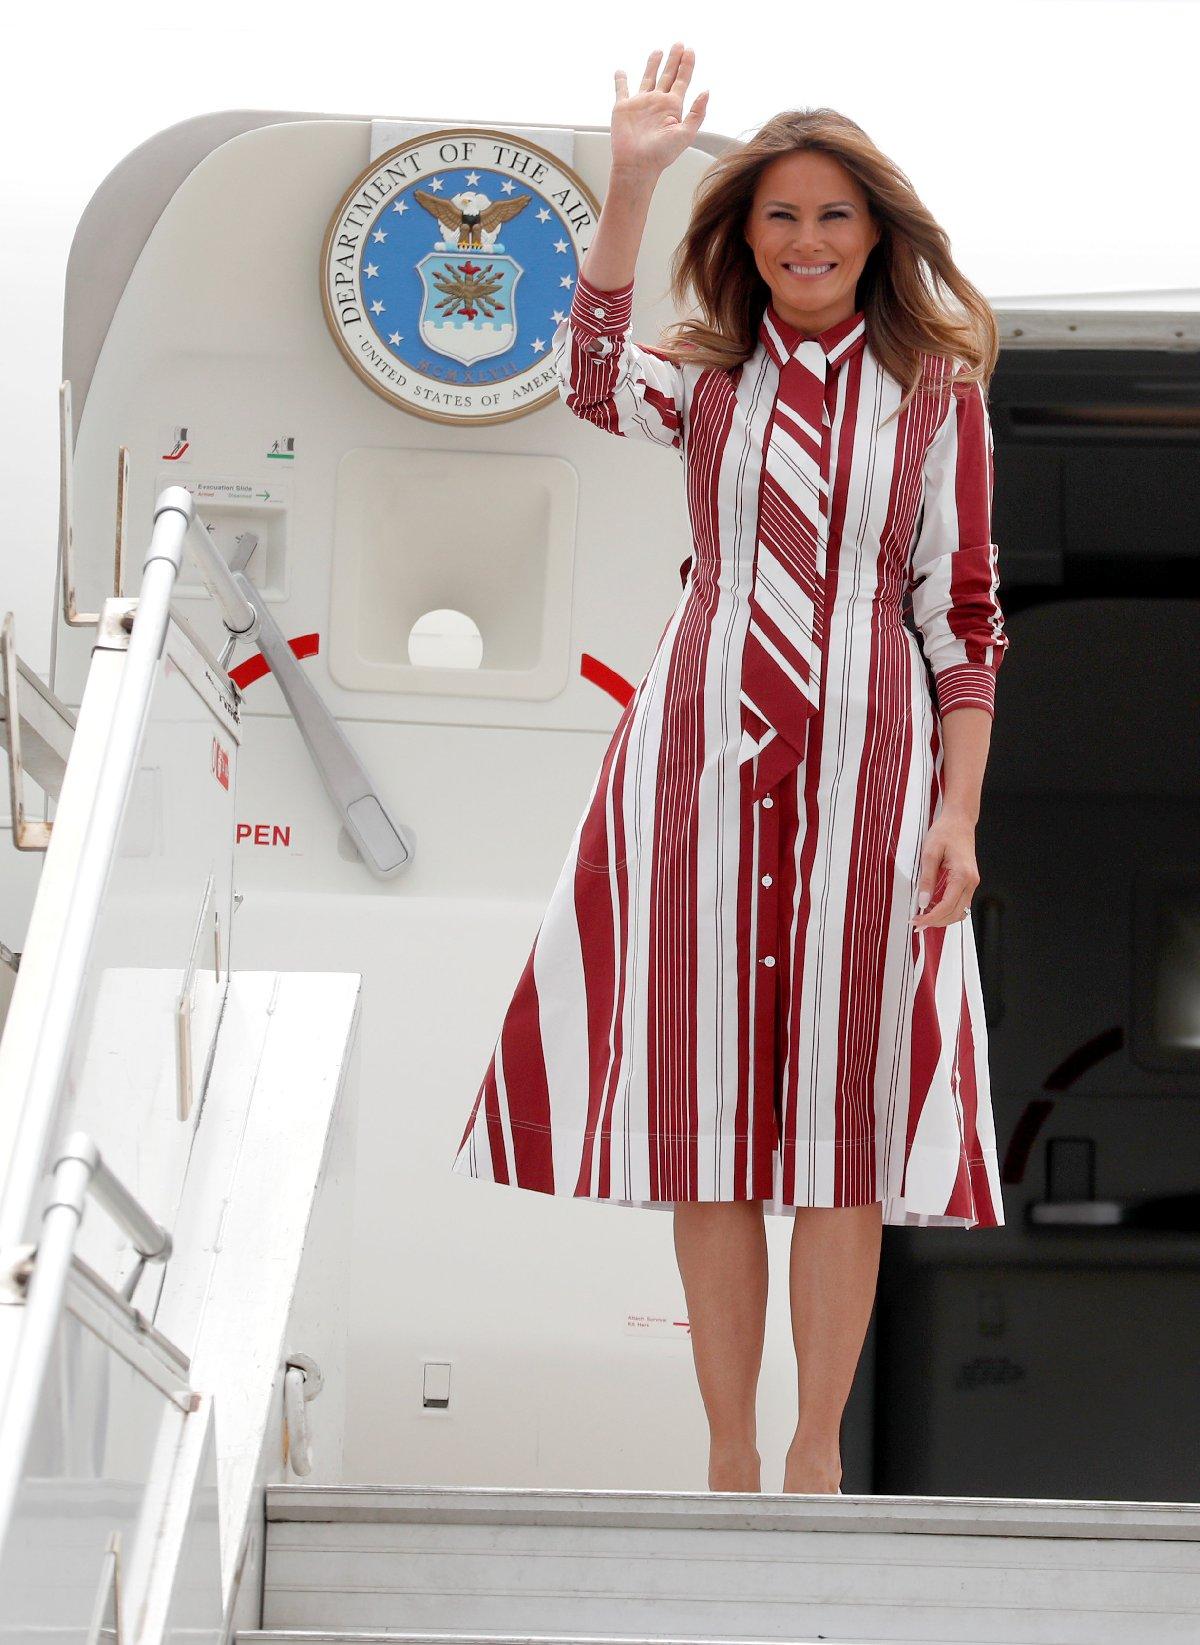 First Lady, Afrika turu kapsamında Gana başta olmak üzere birçok ülkeye gidecek.